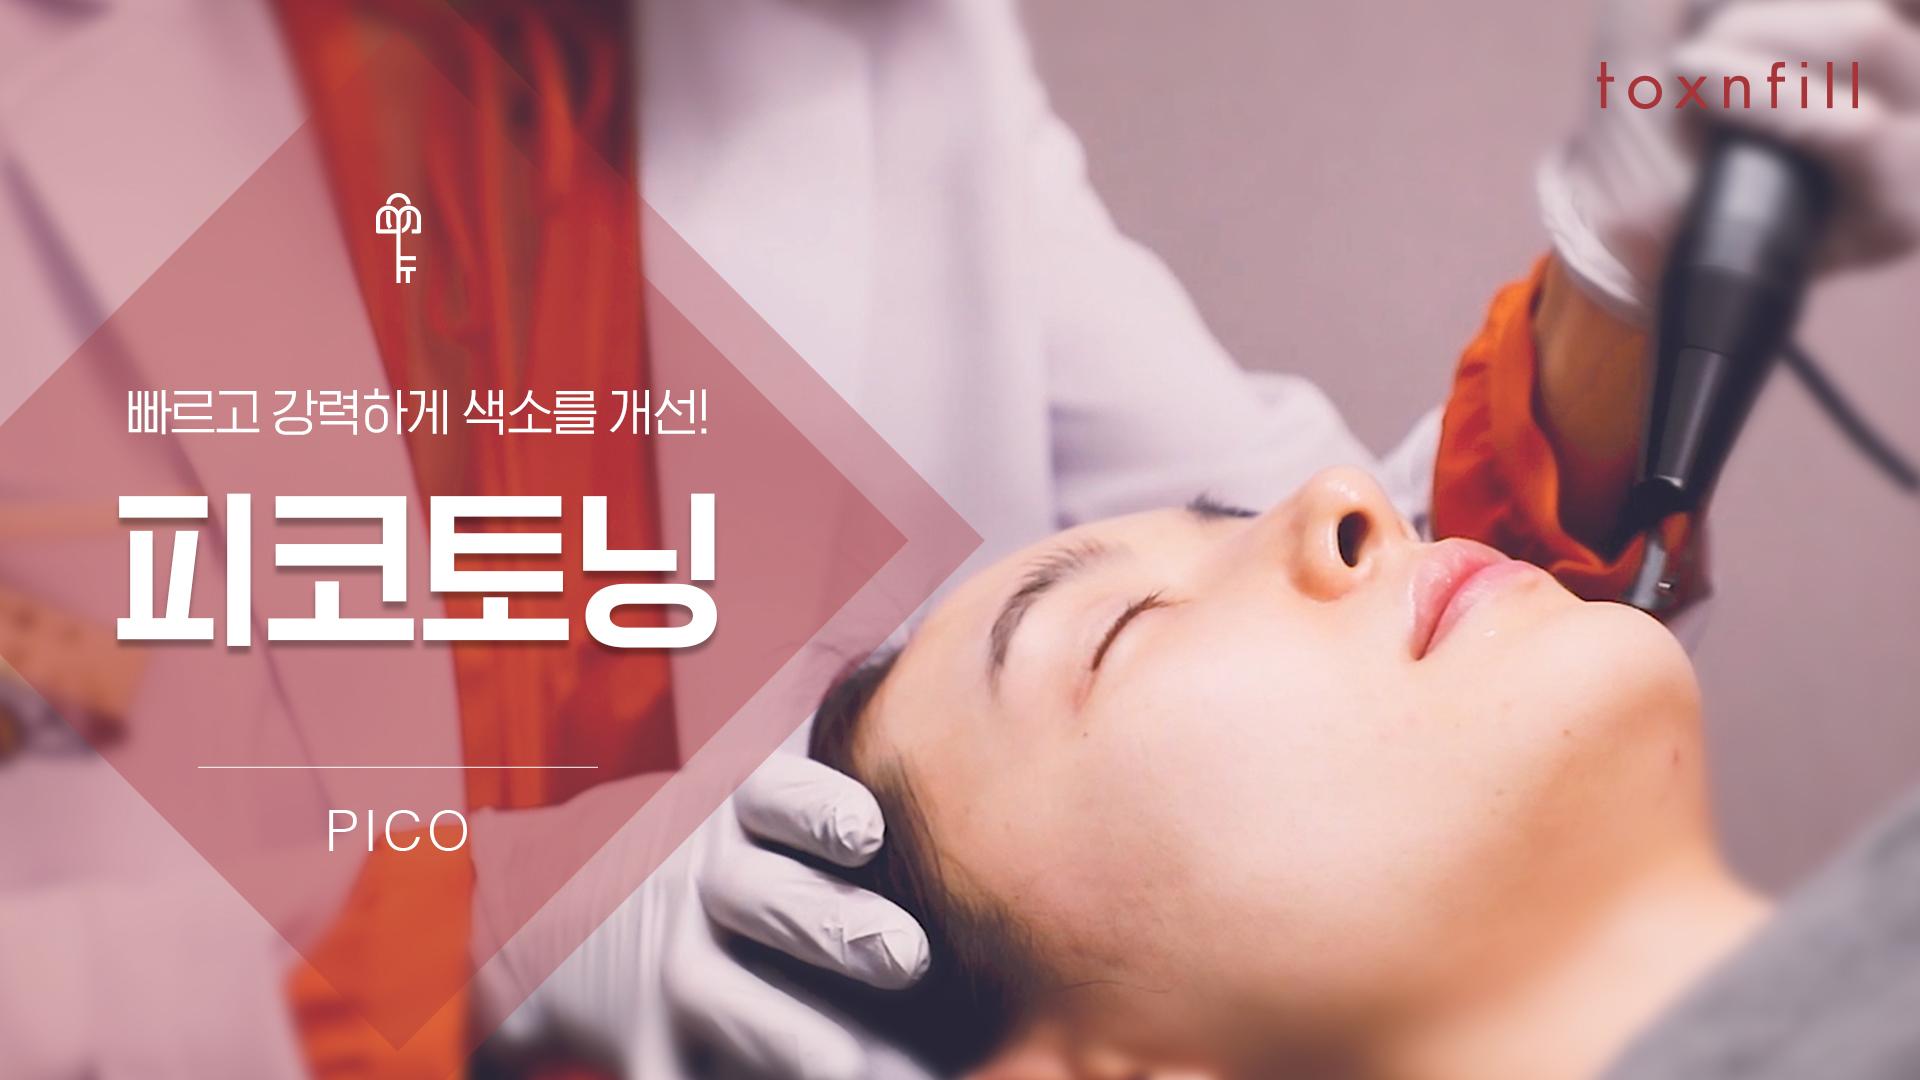 [EVENT] 피코토닝 10회+미백관리10회+케바케레이저 3회+진정관리3회